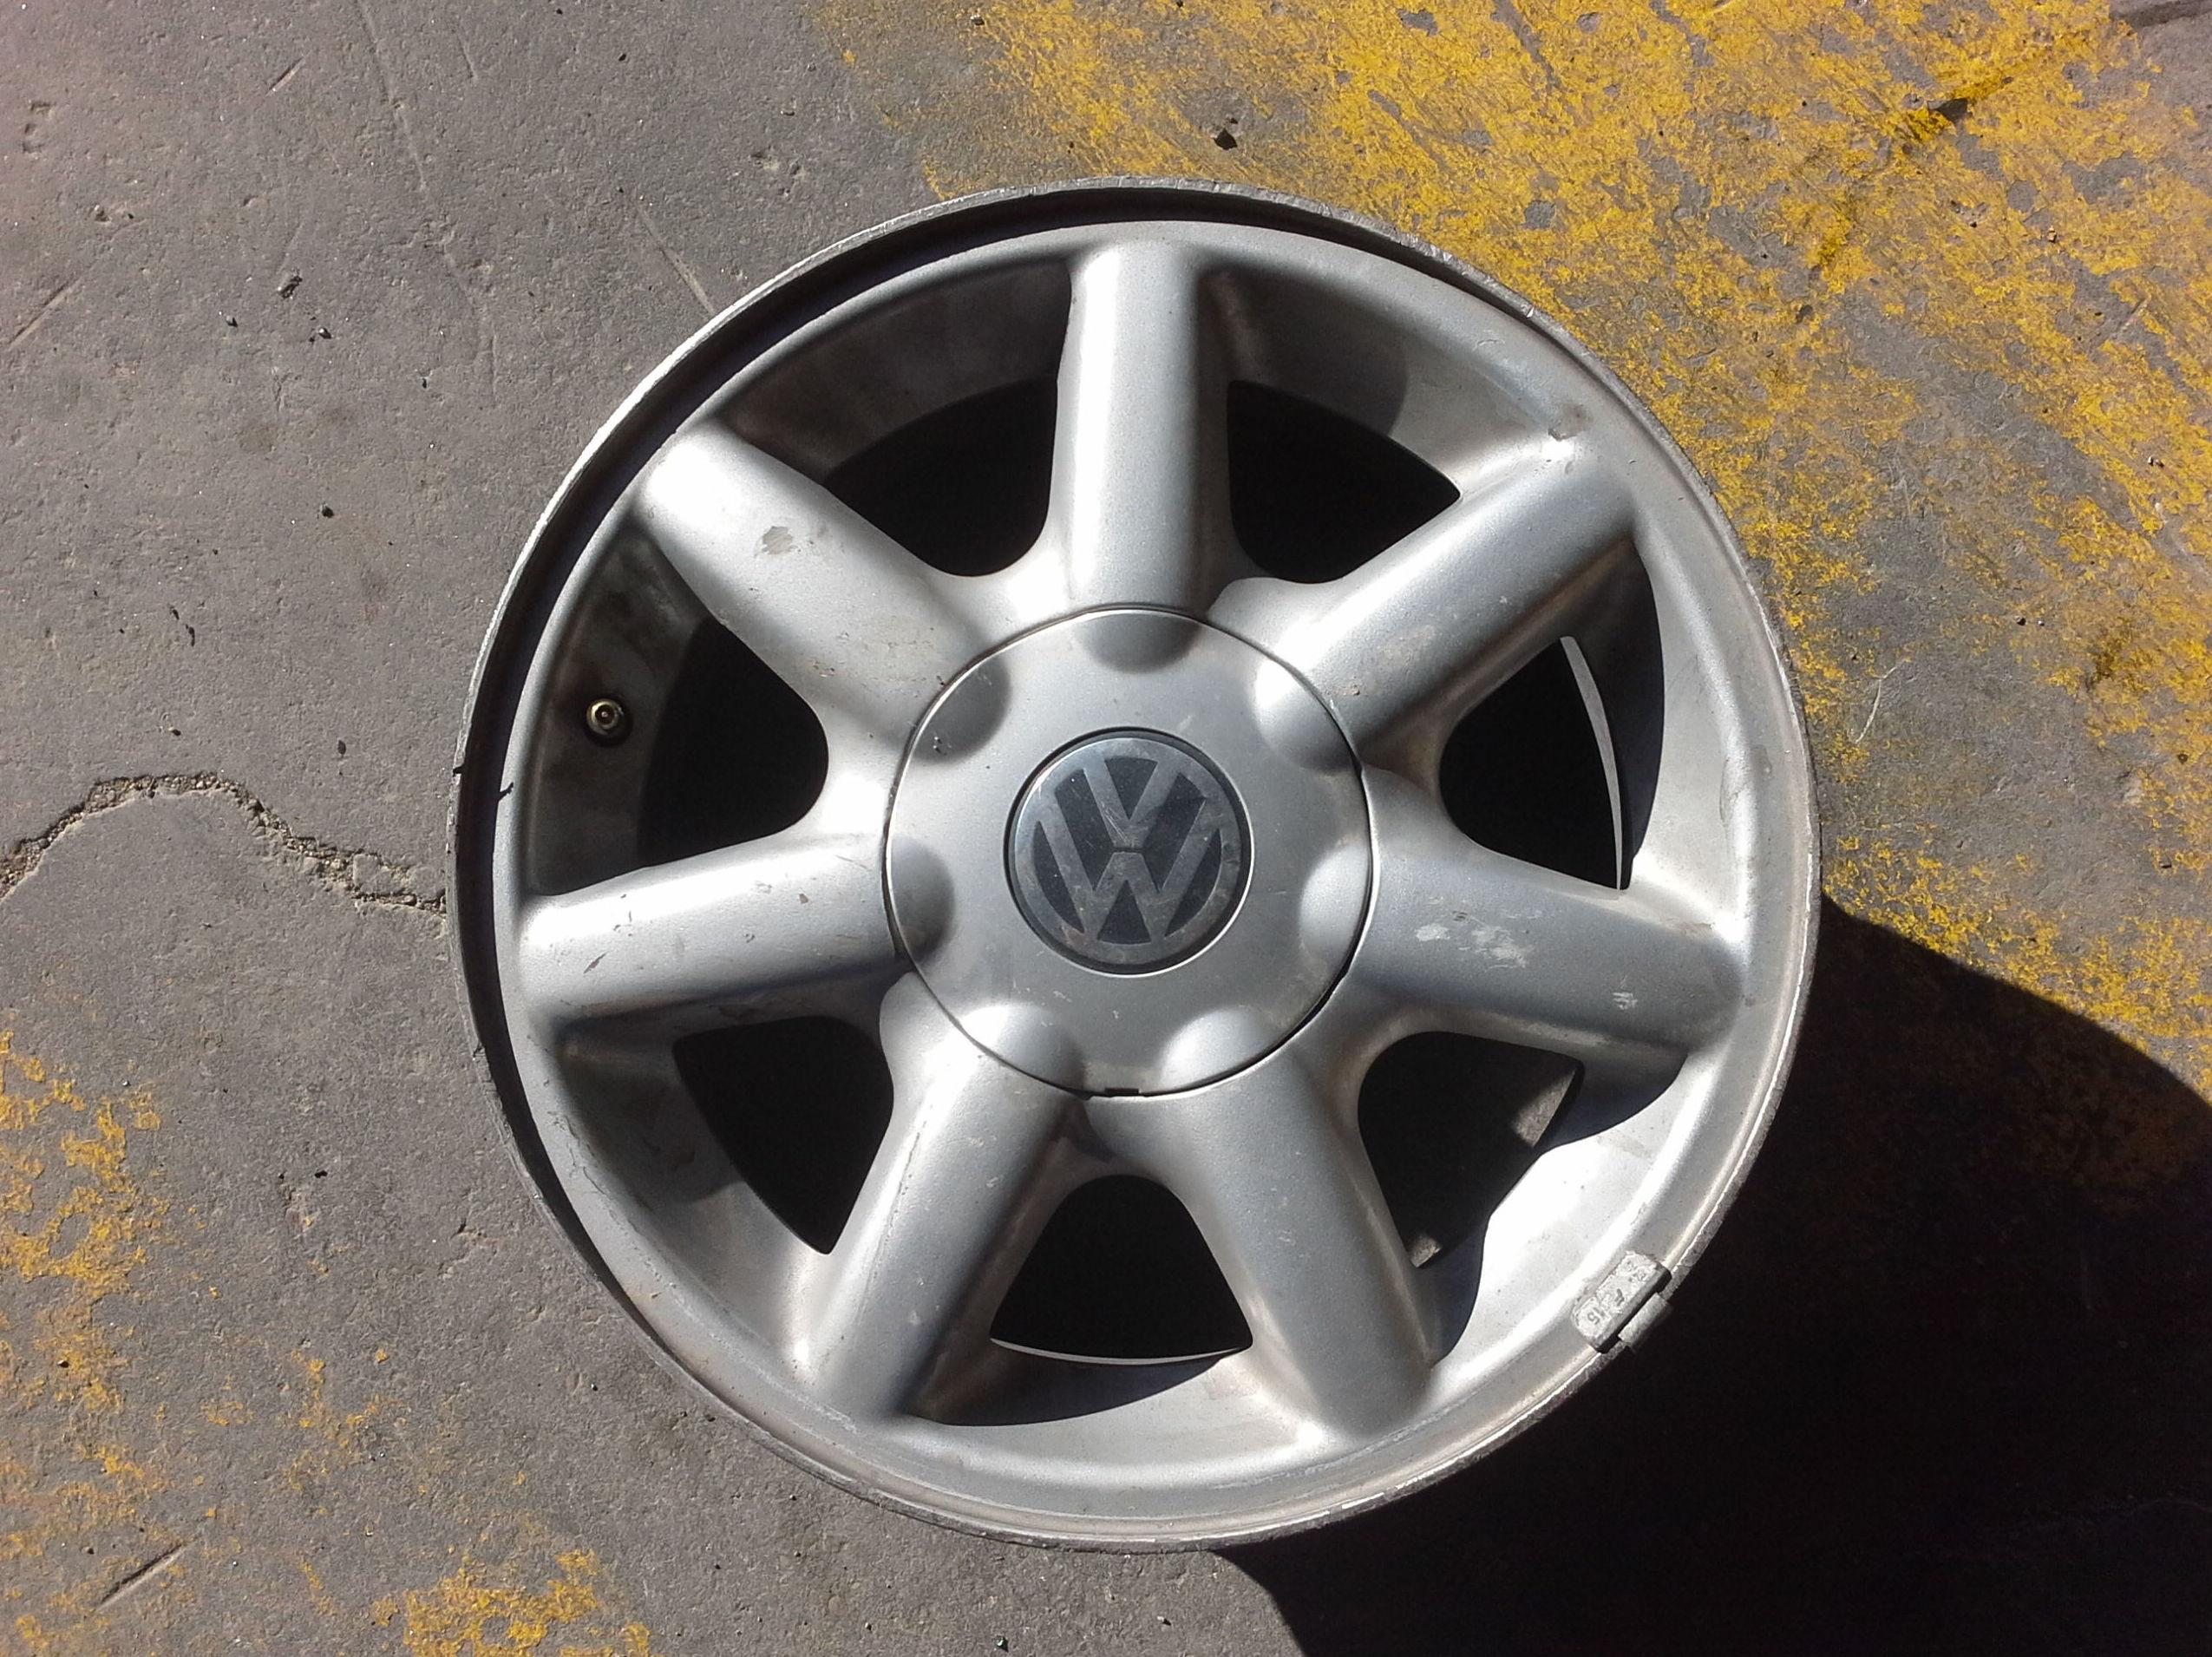 Llantas de Volkswagen de aluminio en R 14 en desguaces clemente de albacete